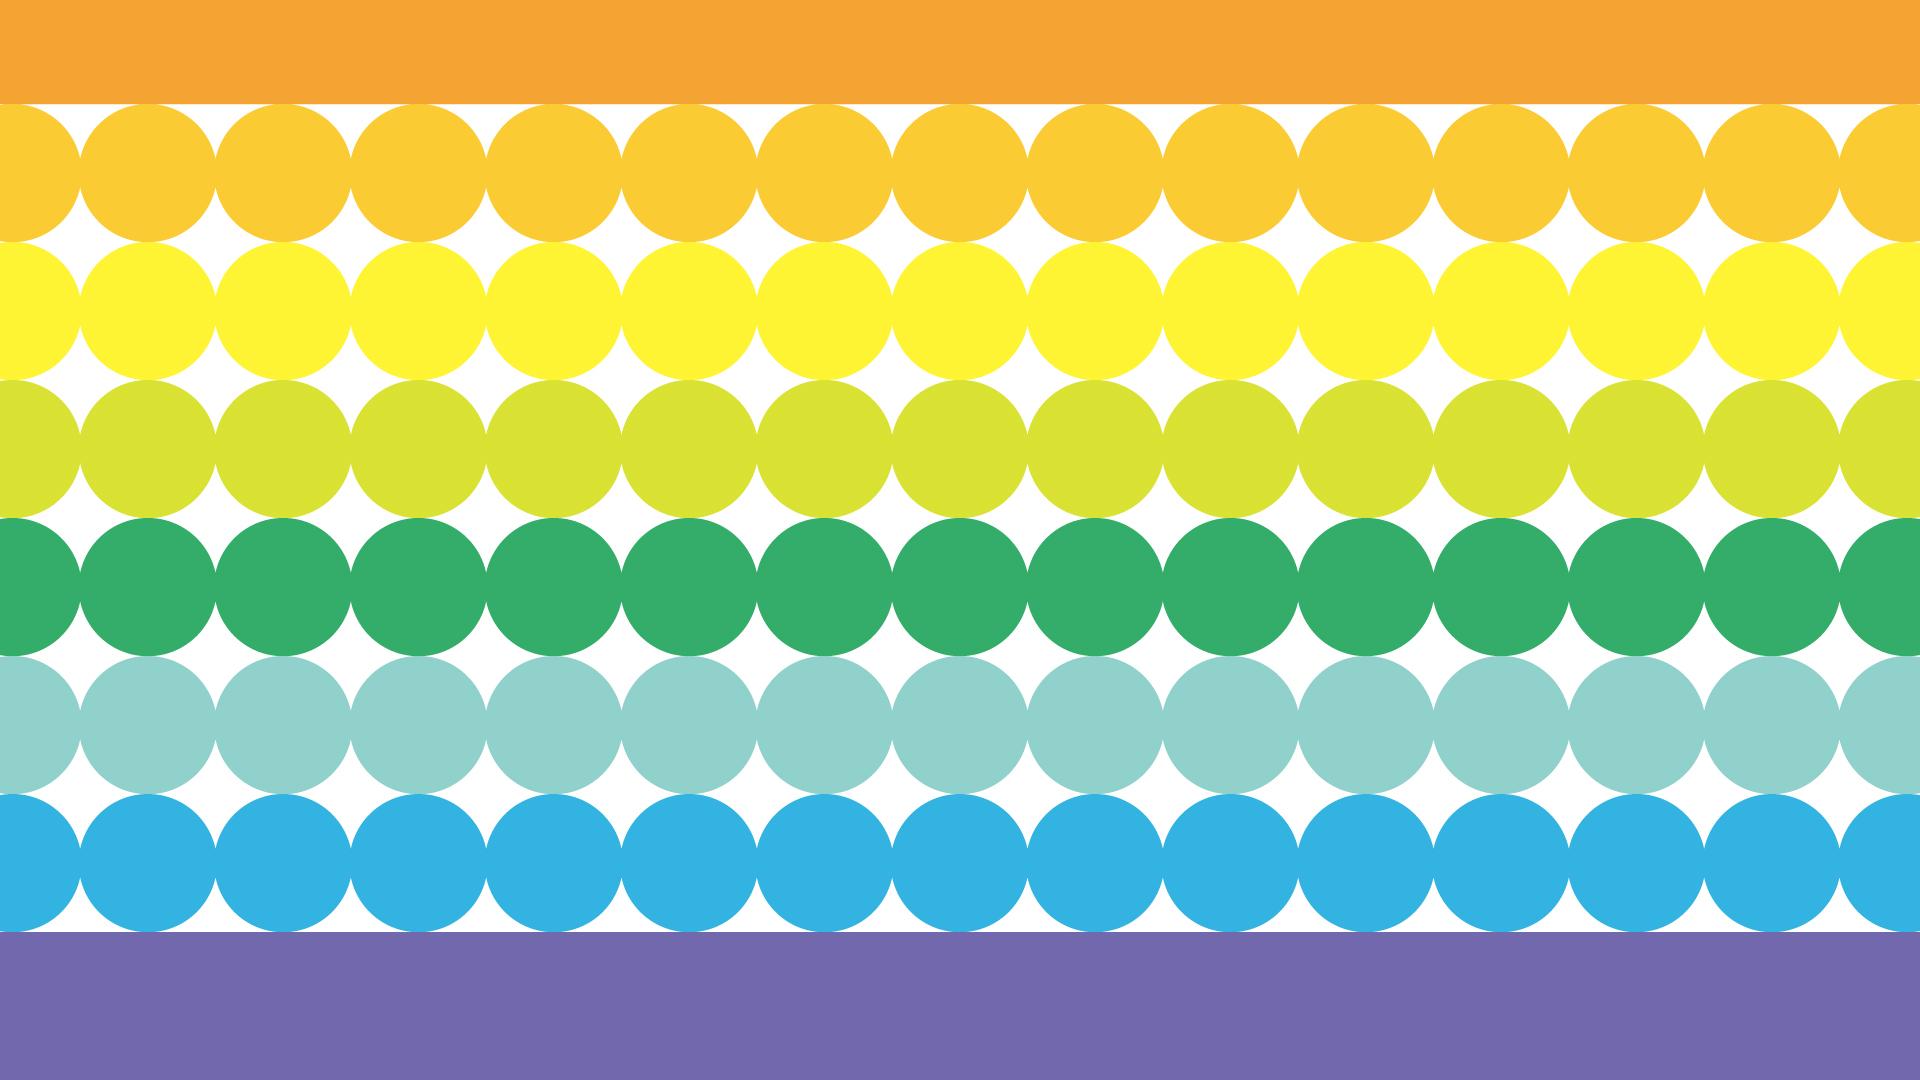 カラフルな丸グラデーションの壁紙・背景素材 1,920px×1,080px